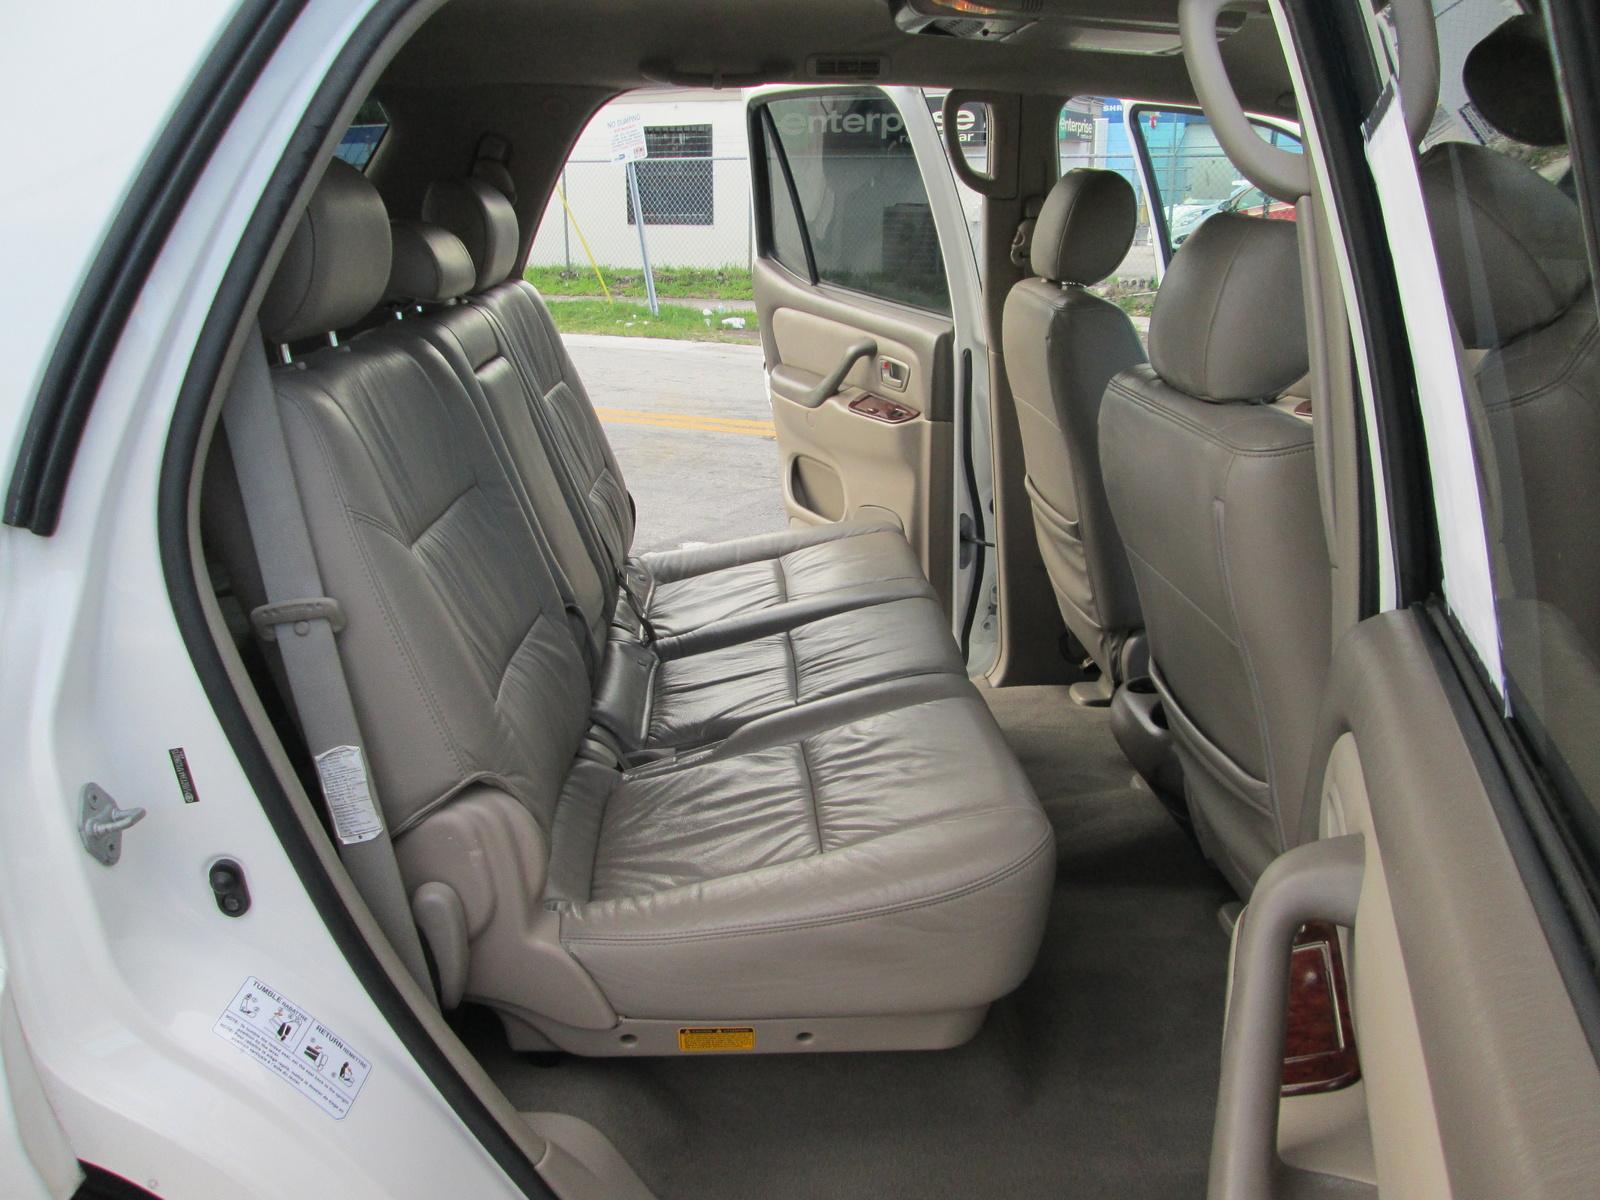 2007 toyota sequoia pictures cargurus - Toyota sequoia interior dimensions ...